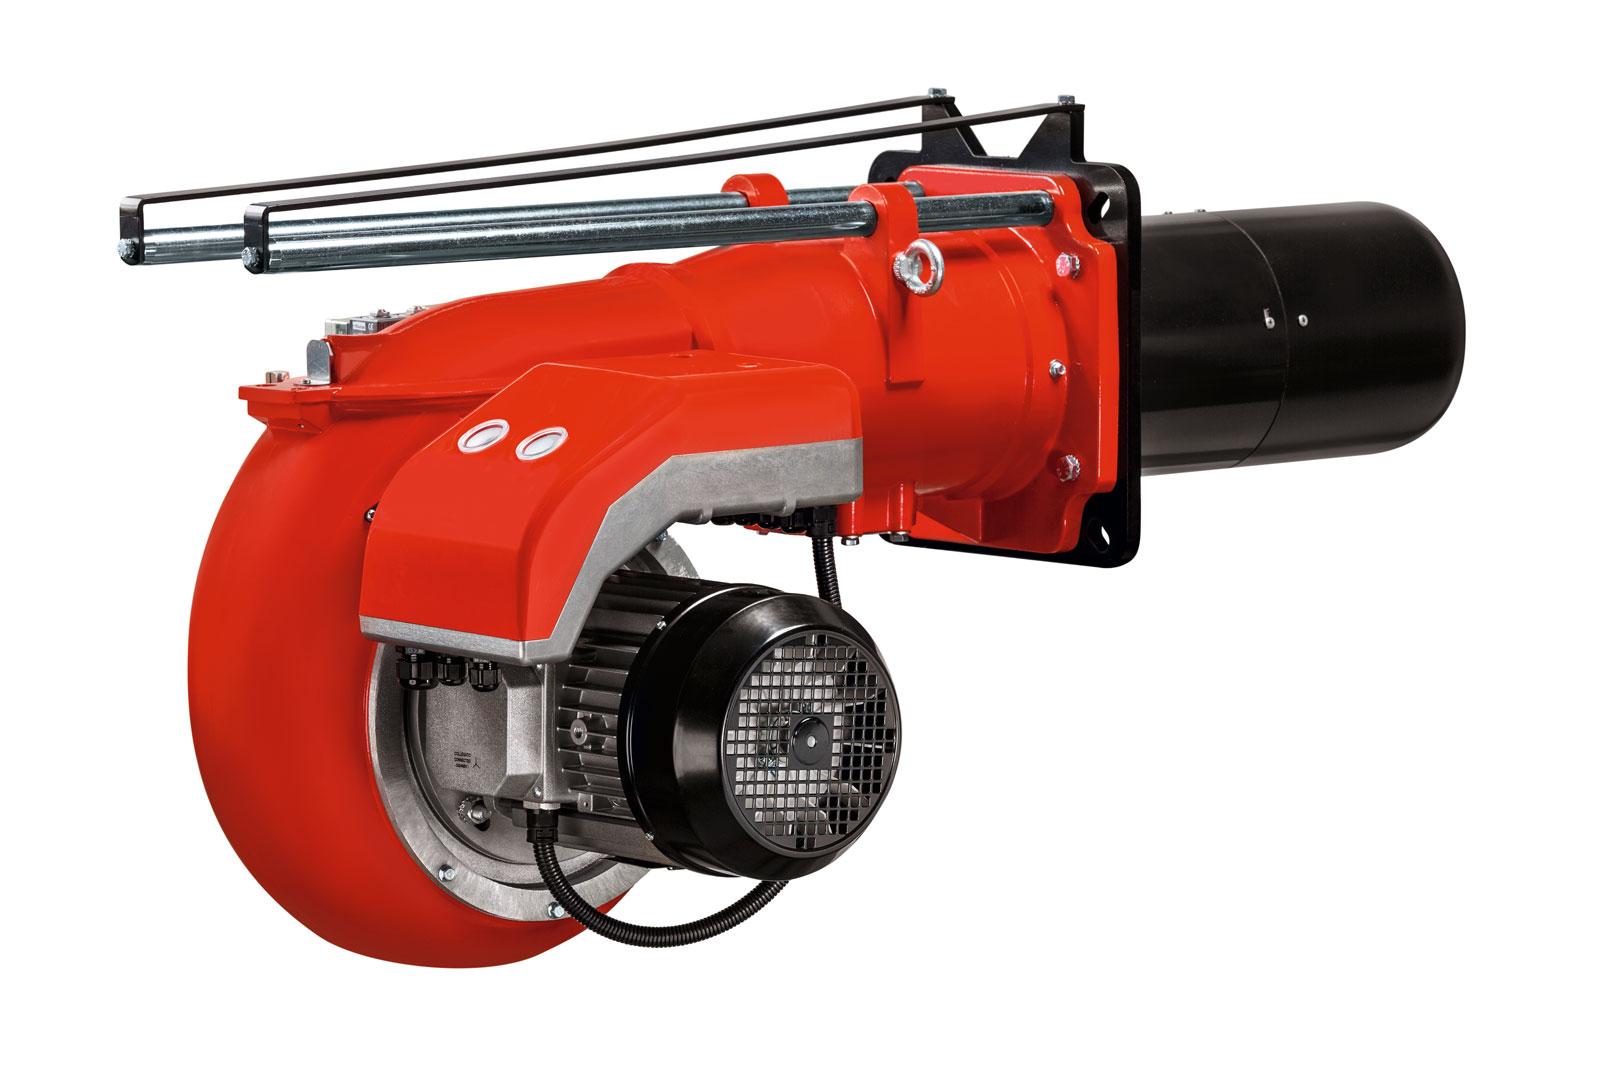 quemador-cremax-gasoleo-2-llamas-344-a-1744Kw-flamax-eficiencia-energetica-ppal